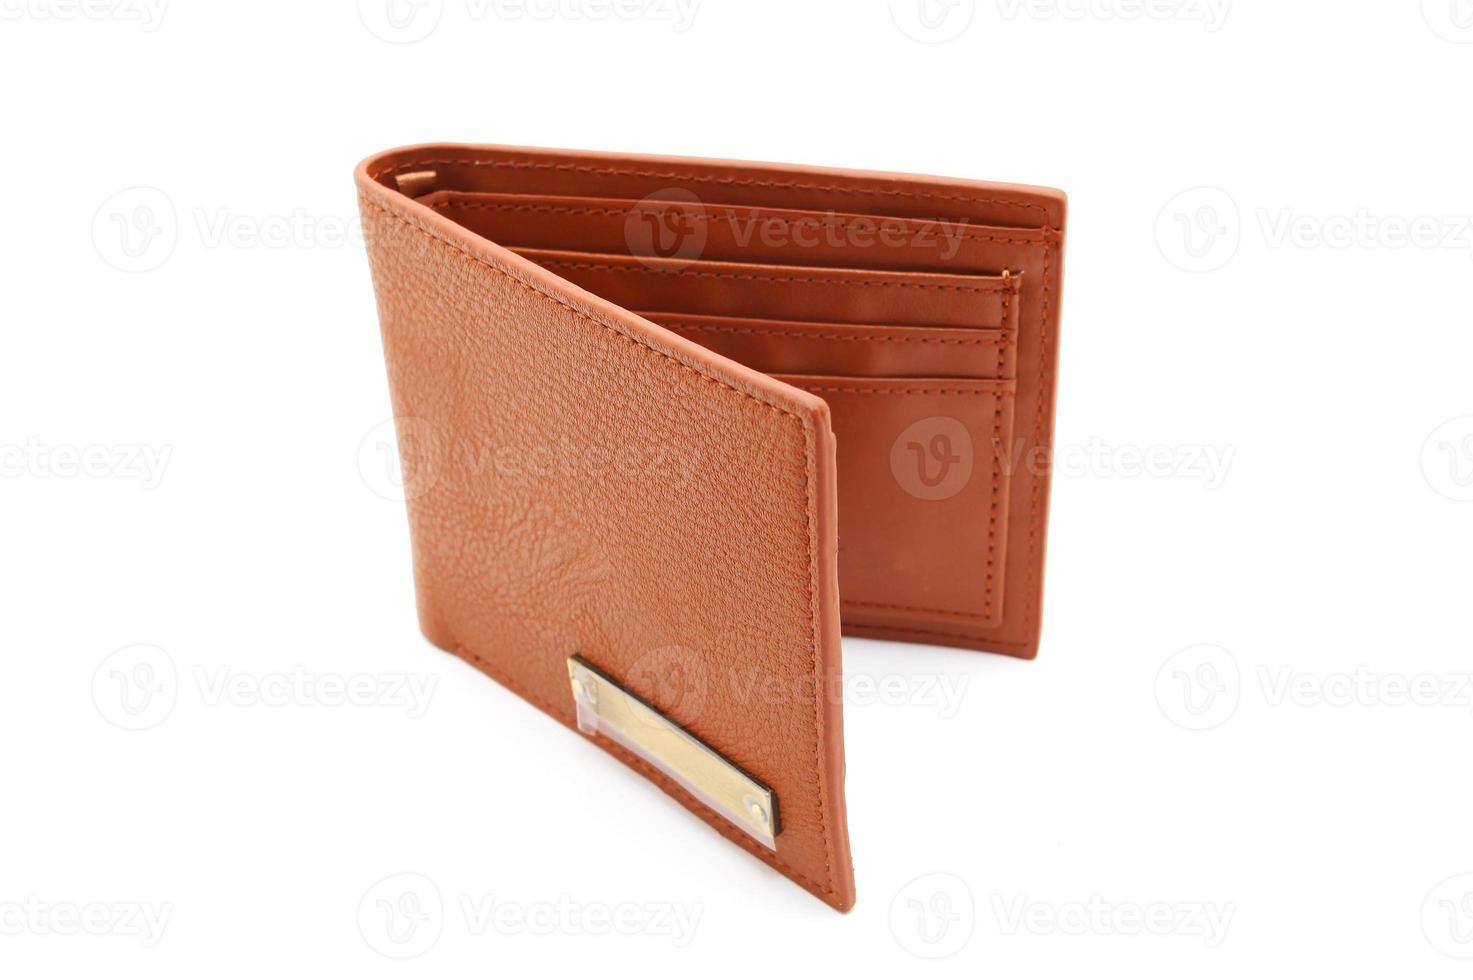 braune Leder Herren Geldbörse foto